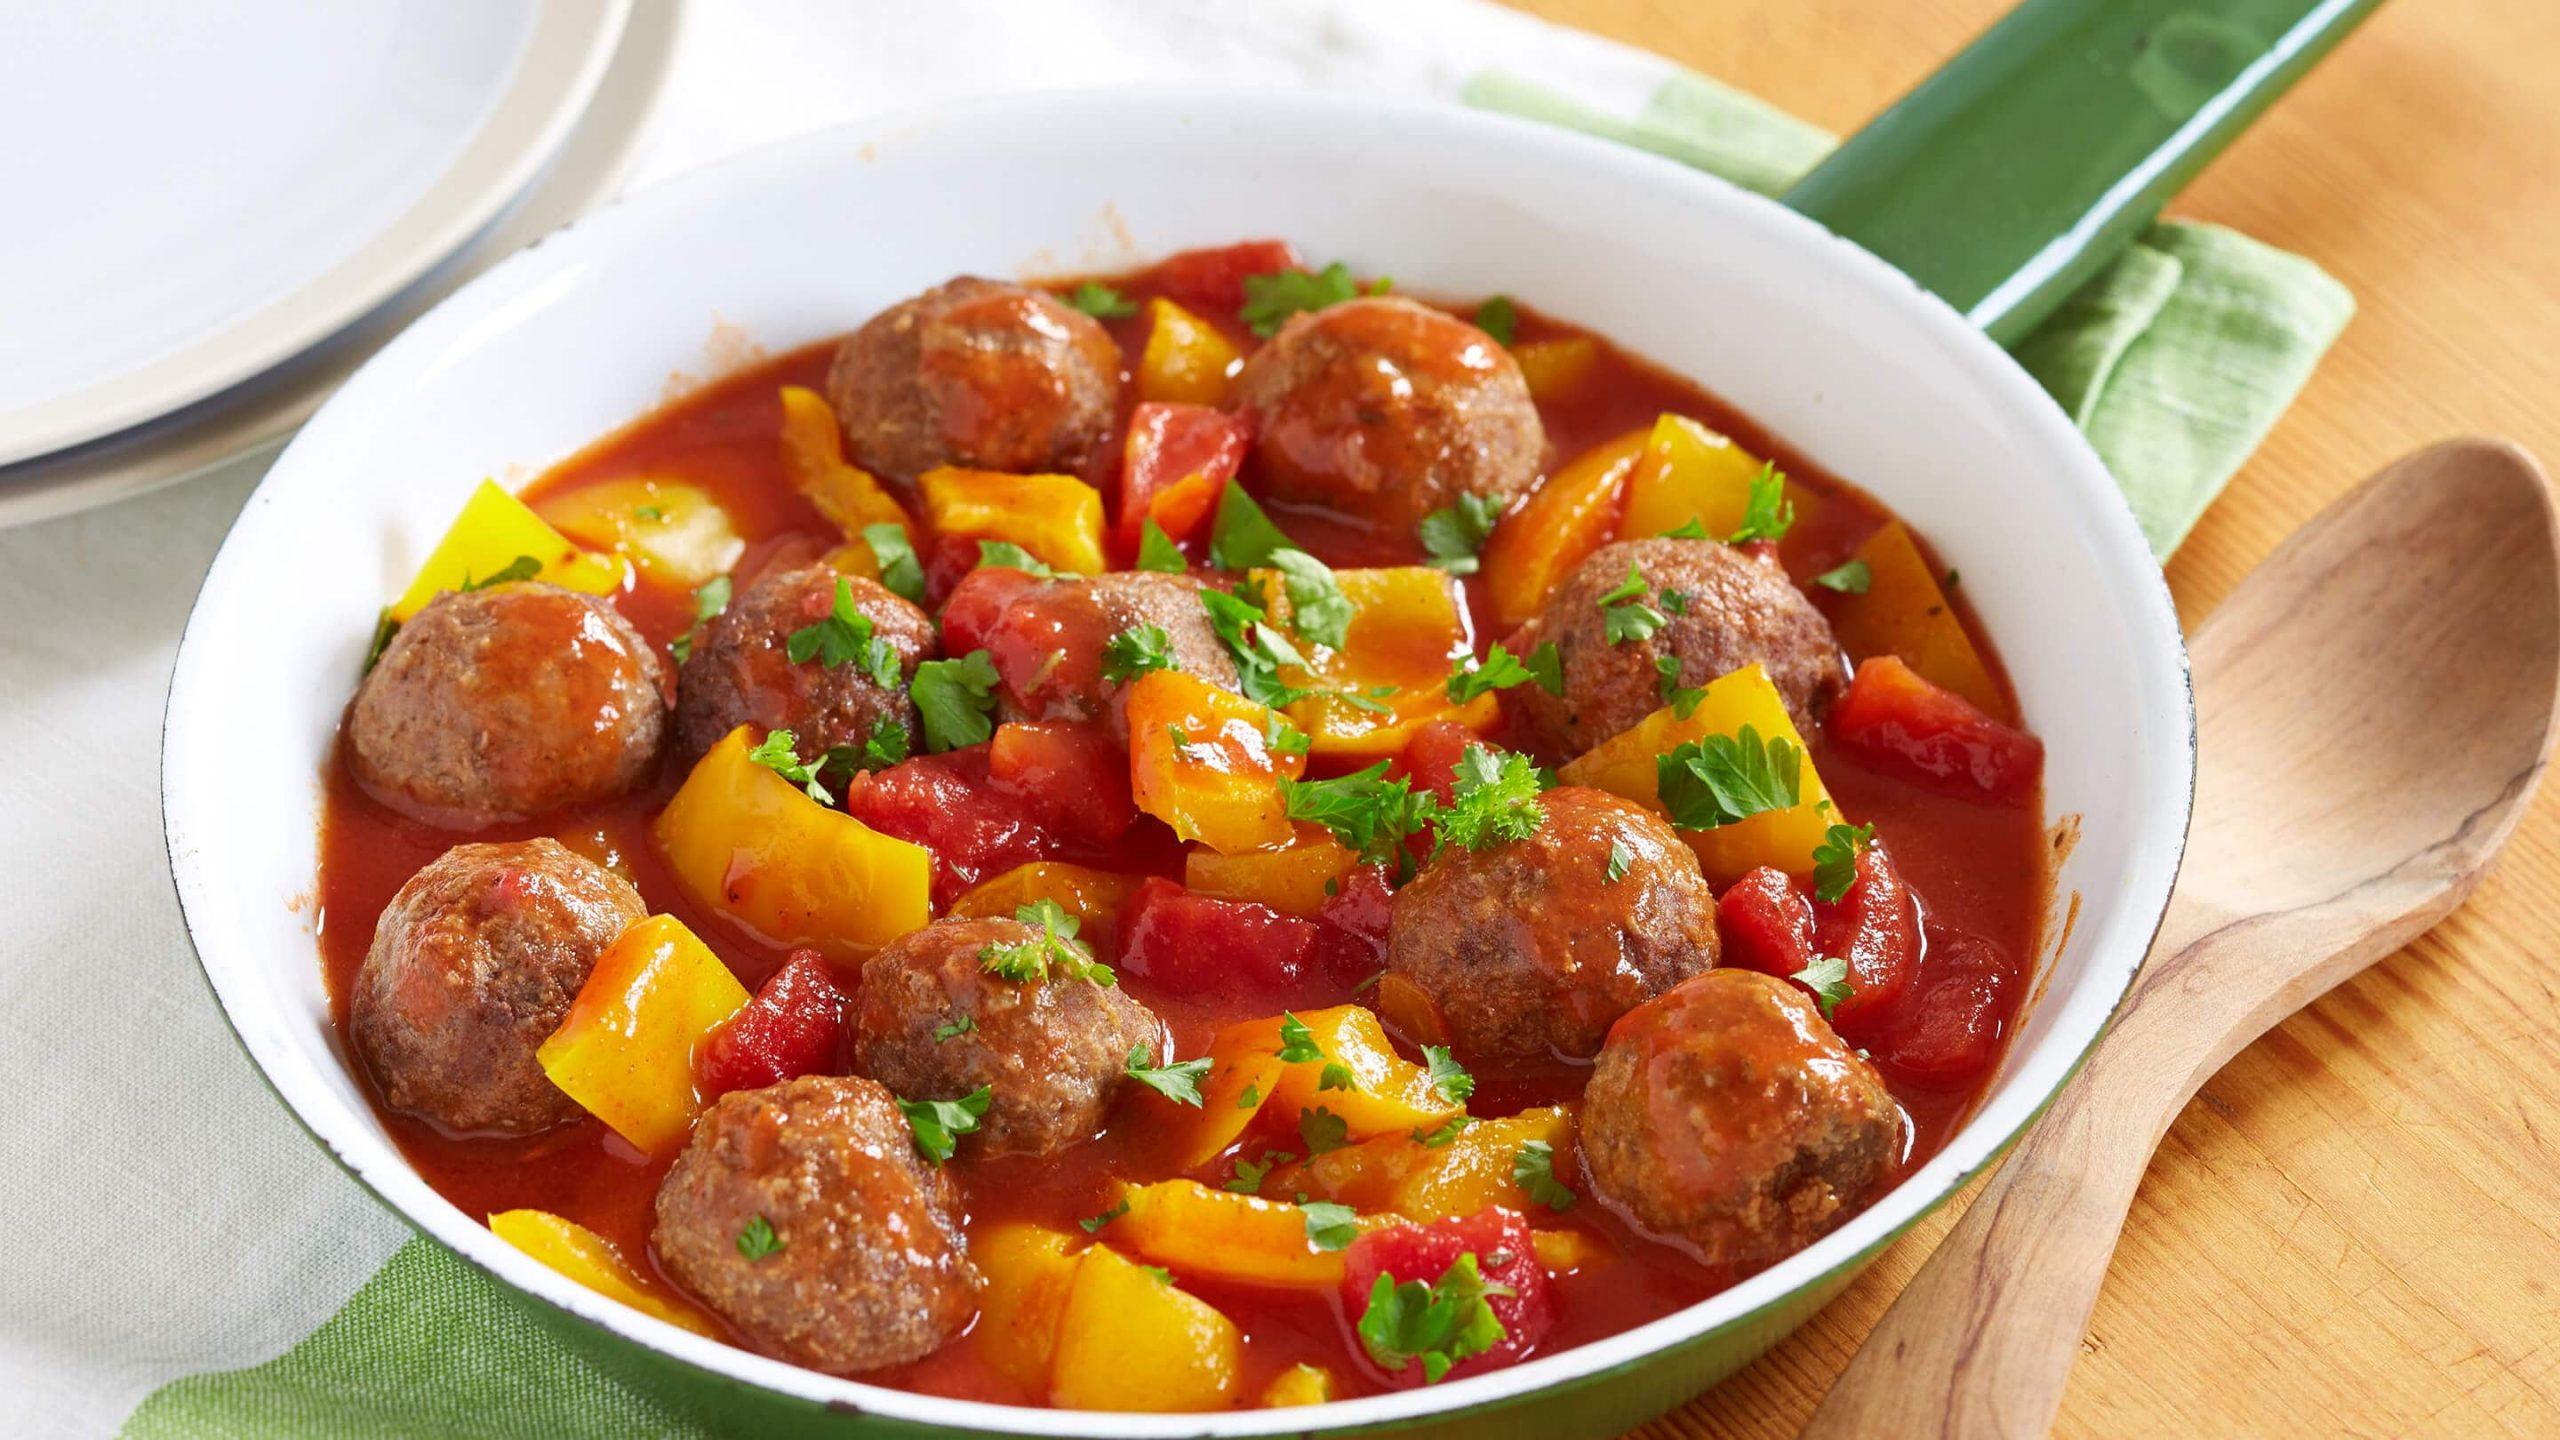 Schnelle Gerichte | Knorr De für Mittagsgerichte Schnell Und Einfach